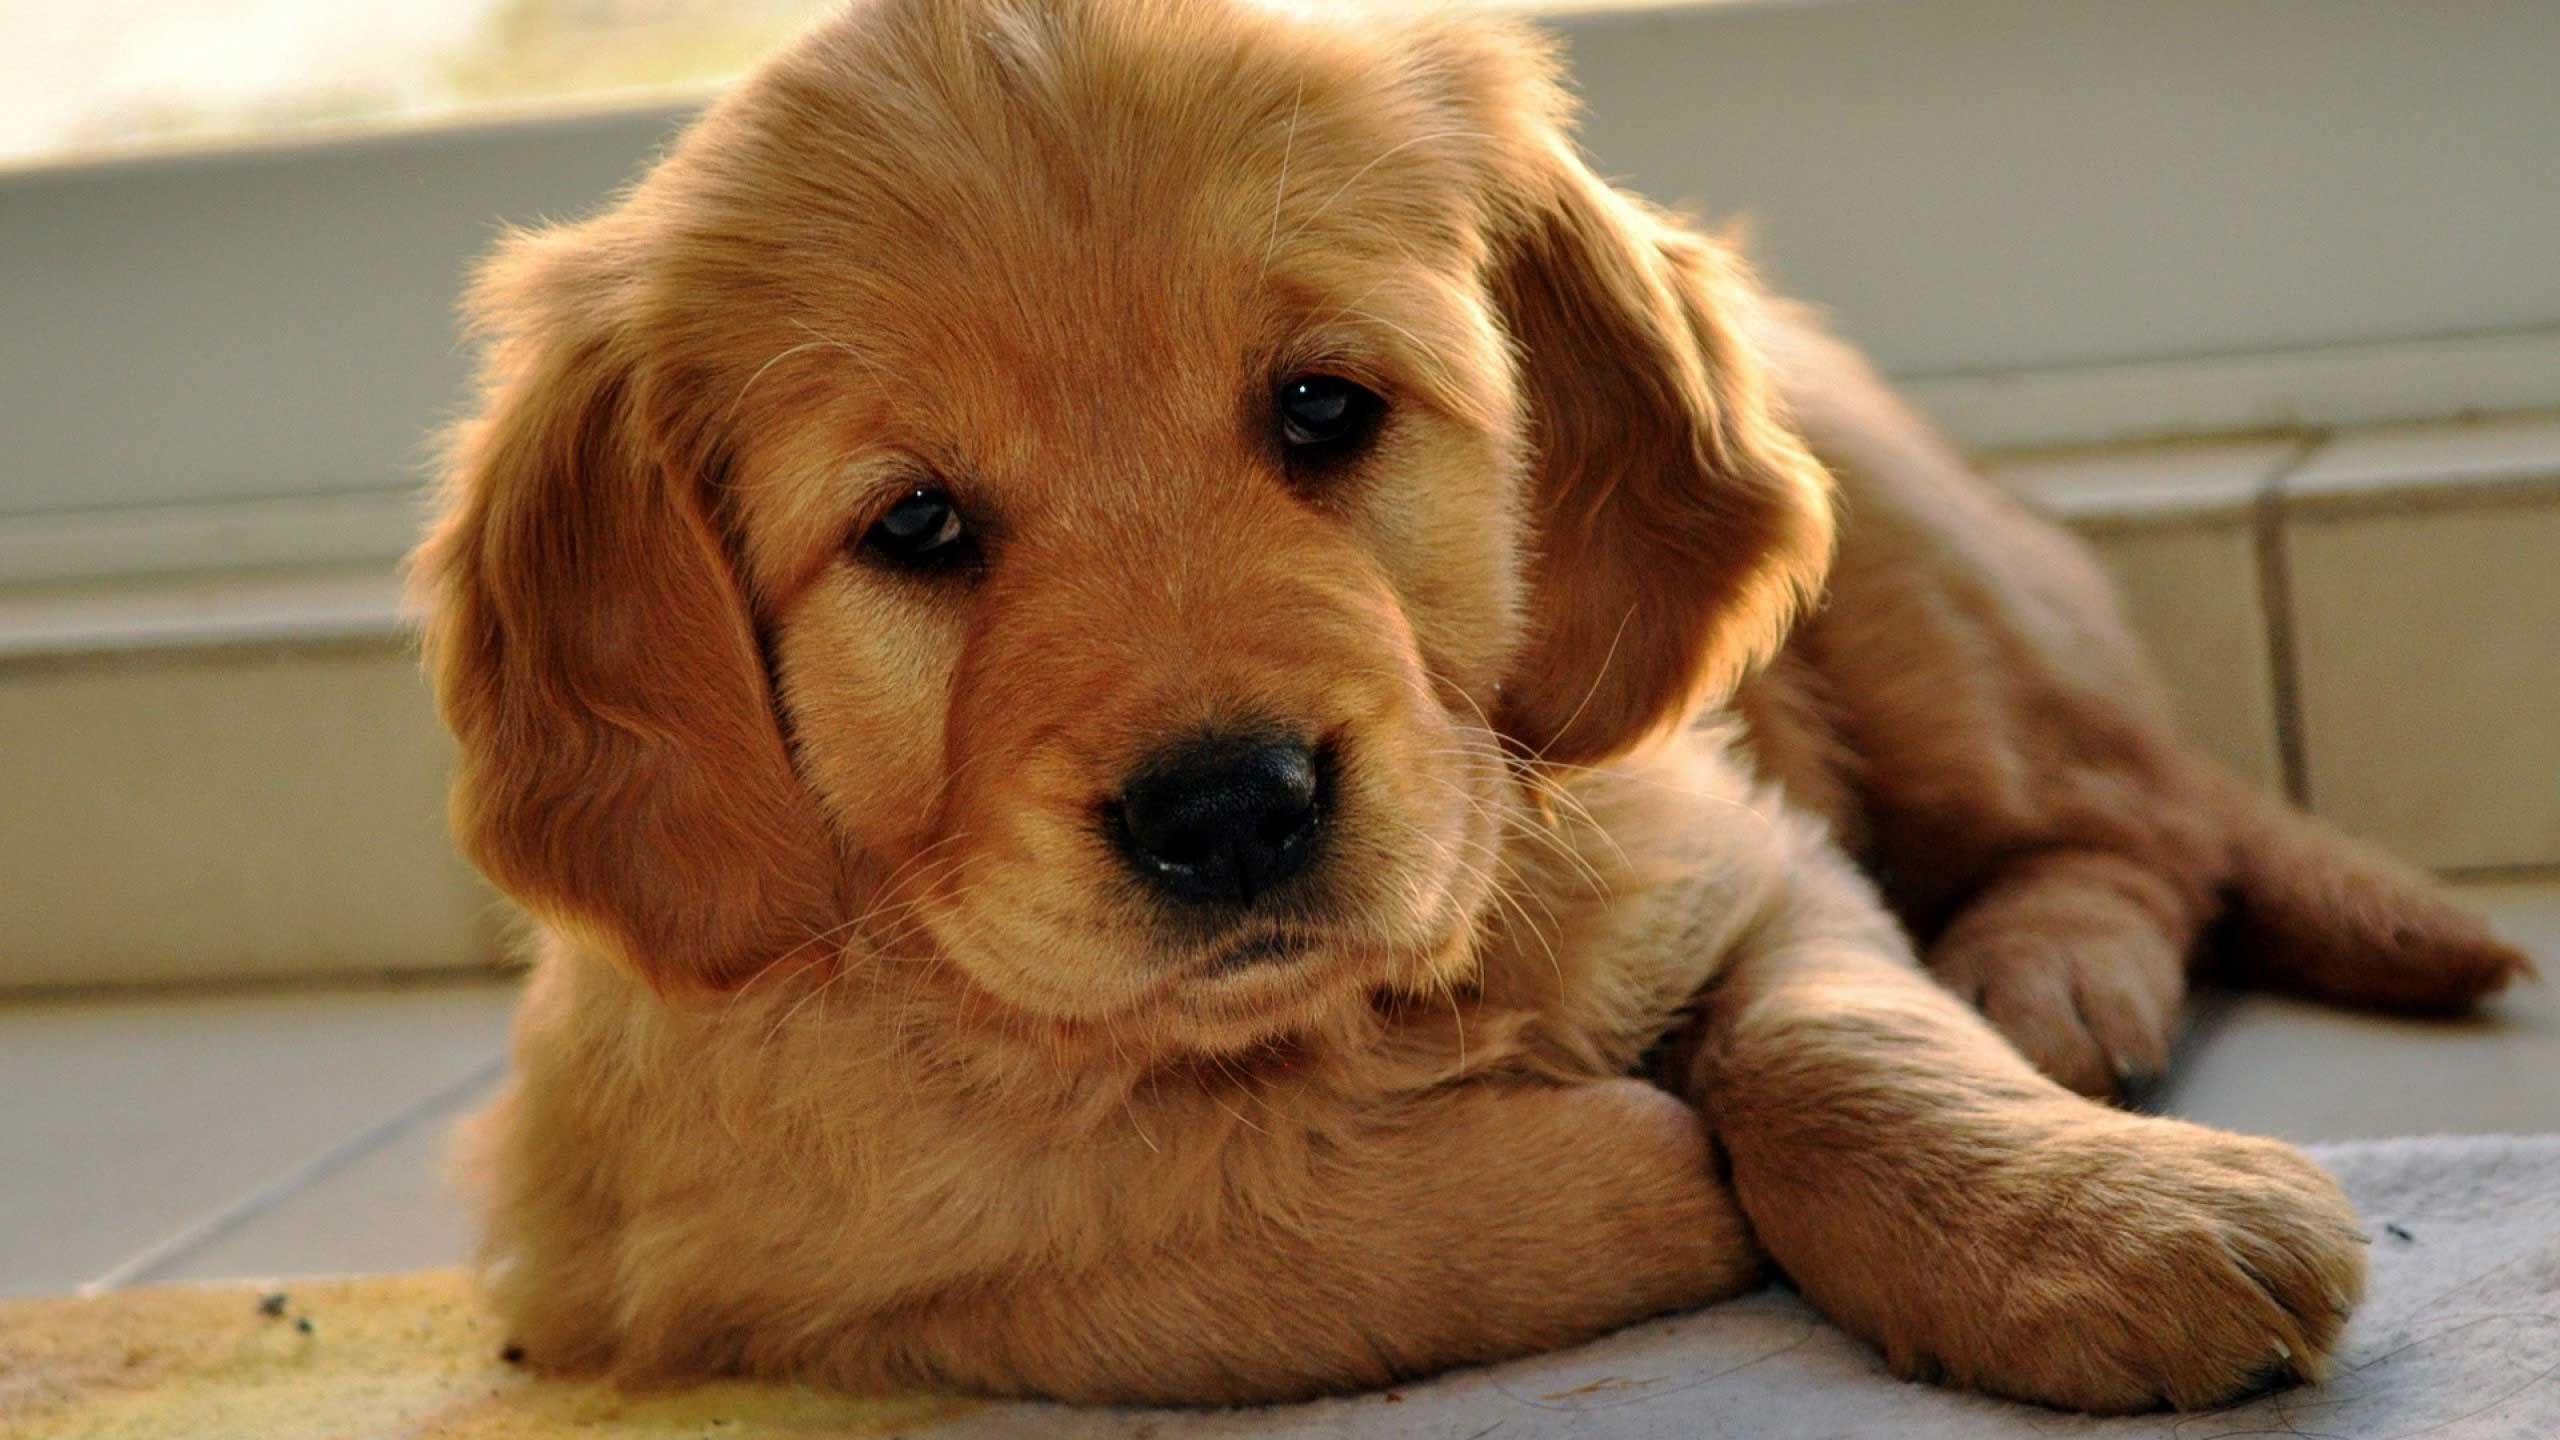 Cute Golden Retriever Puppies Red 2560x1440 Download Hd Wallpaper Wallpapertip